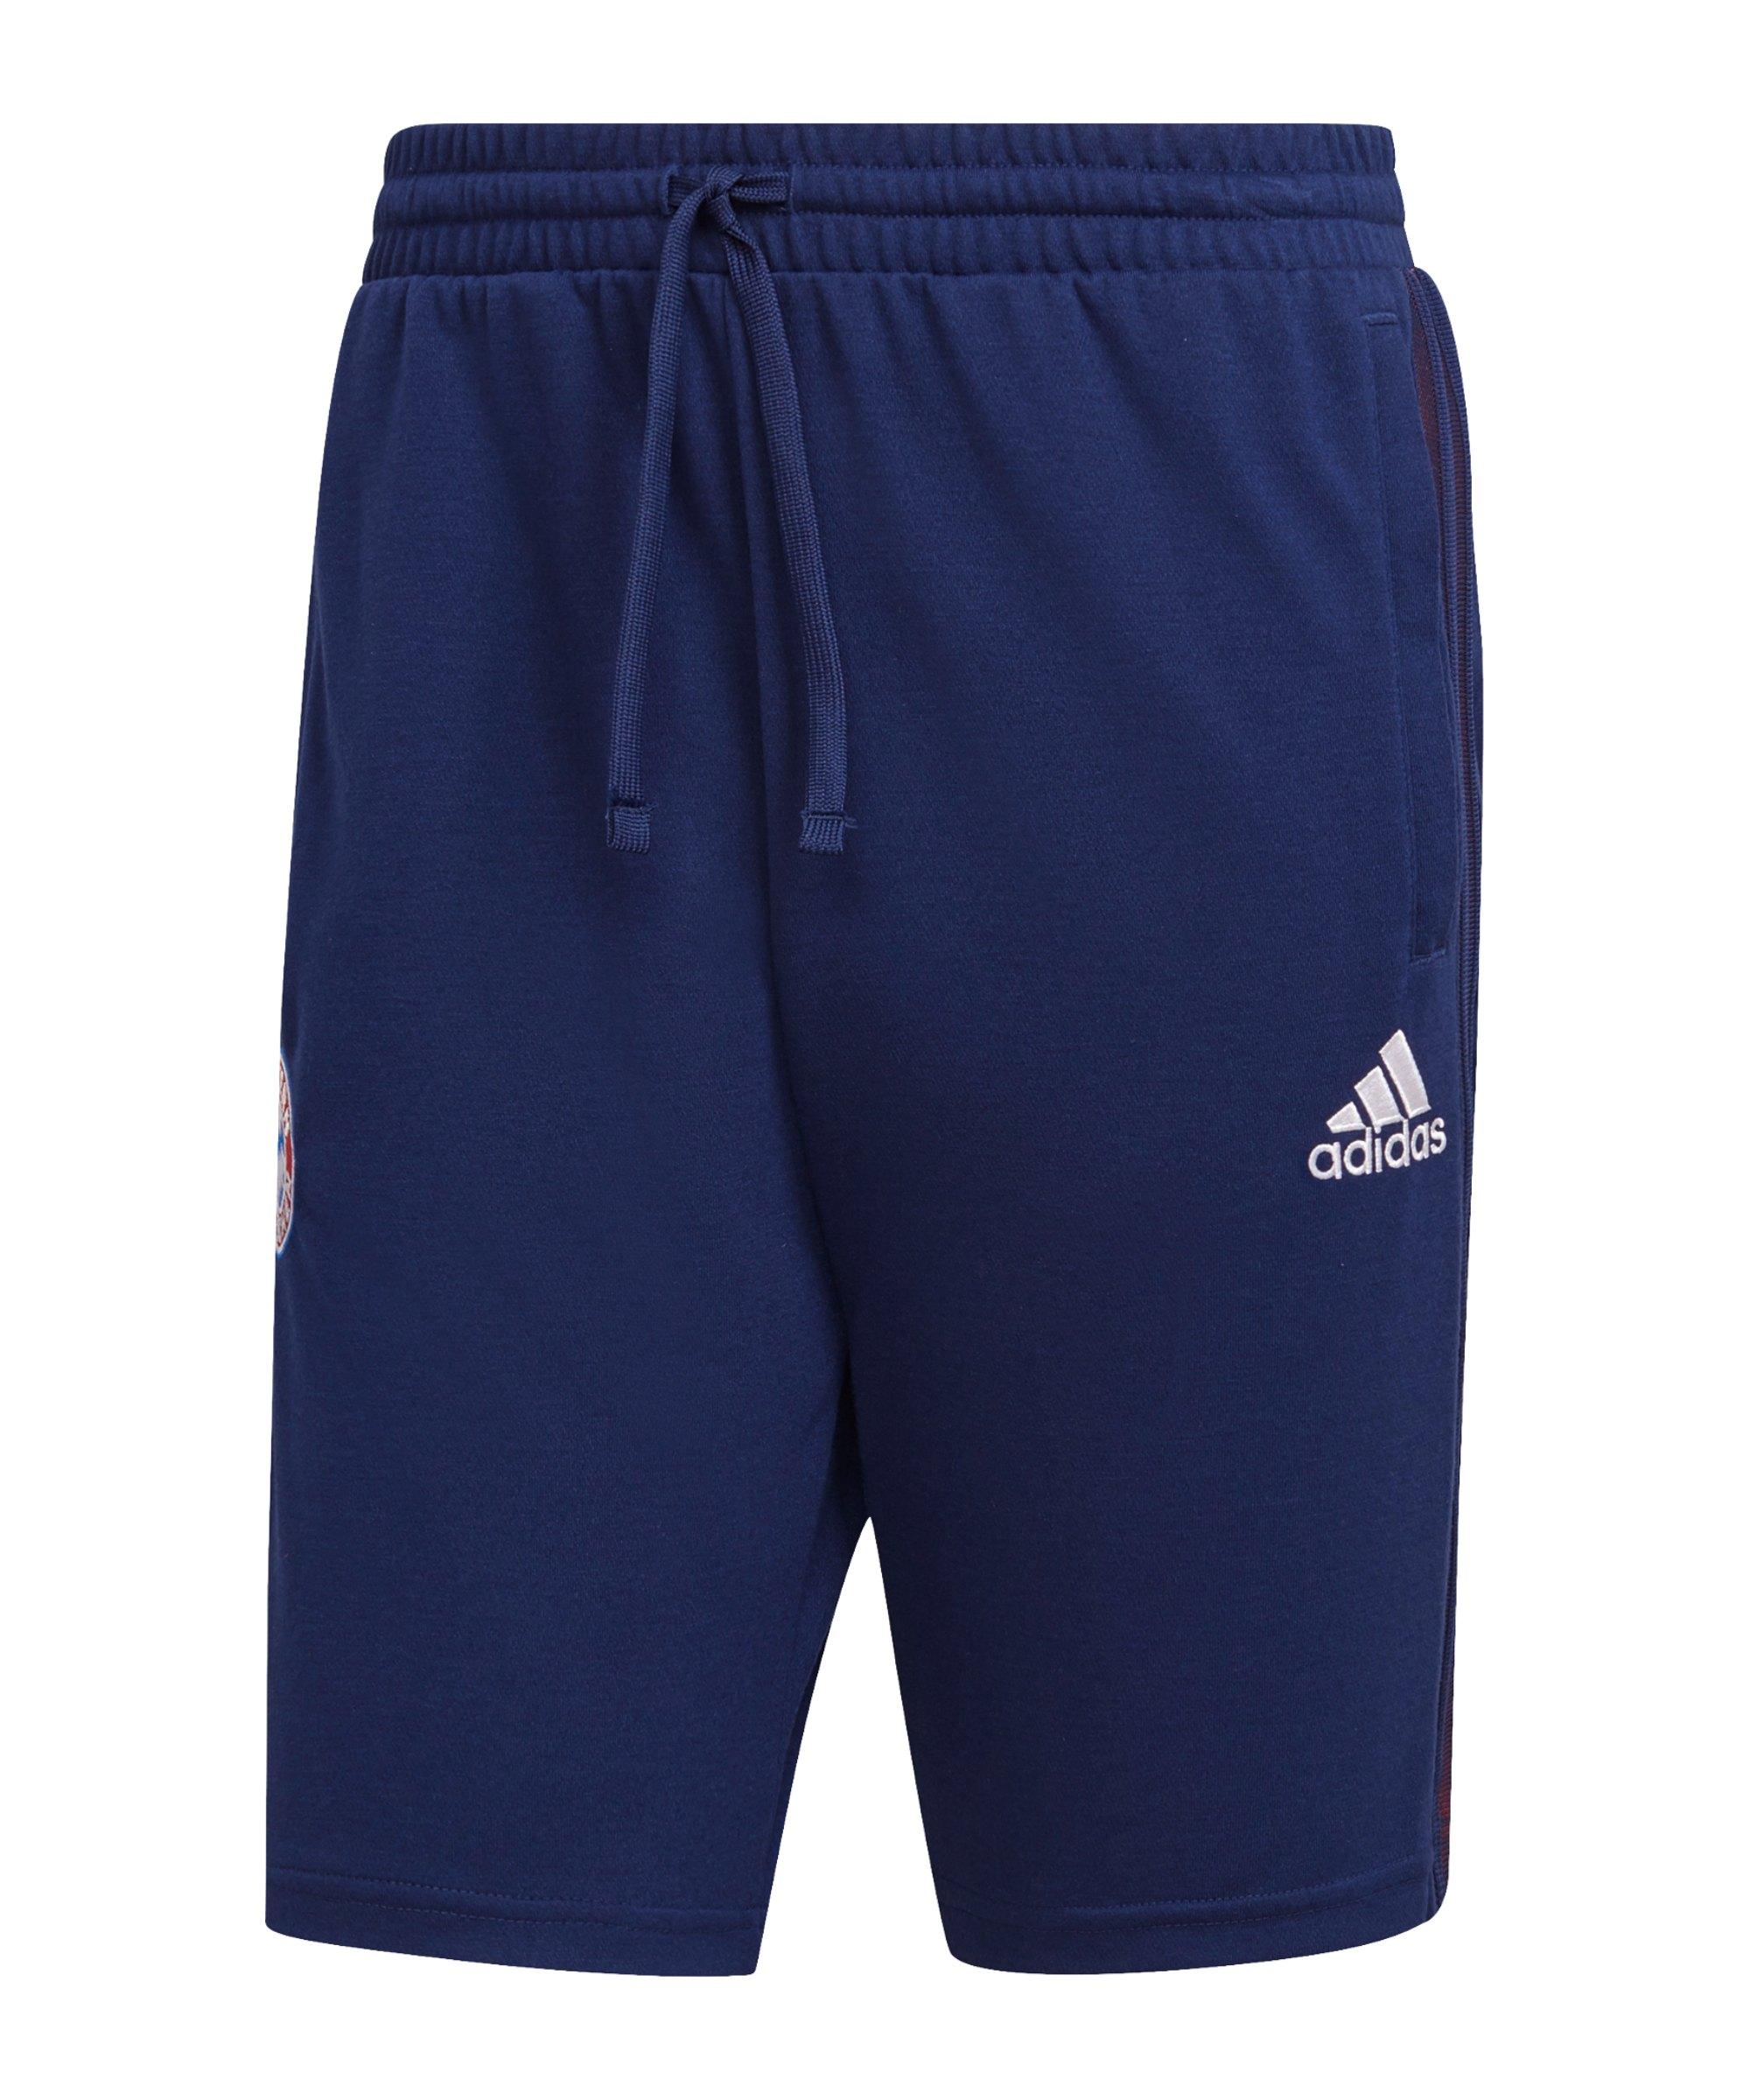 adidas FC Bayern München Short Blau - blau